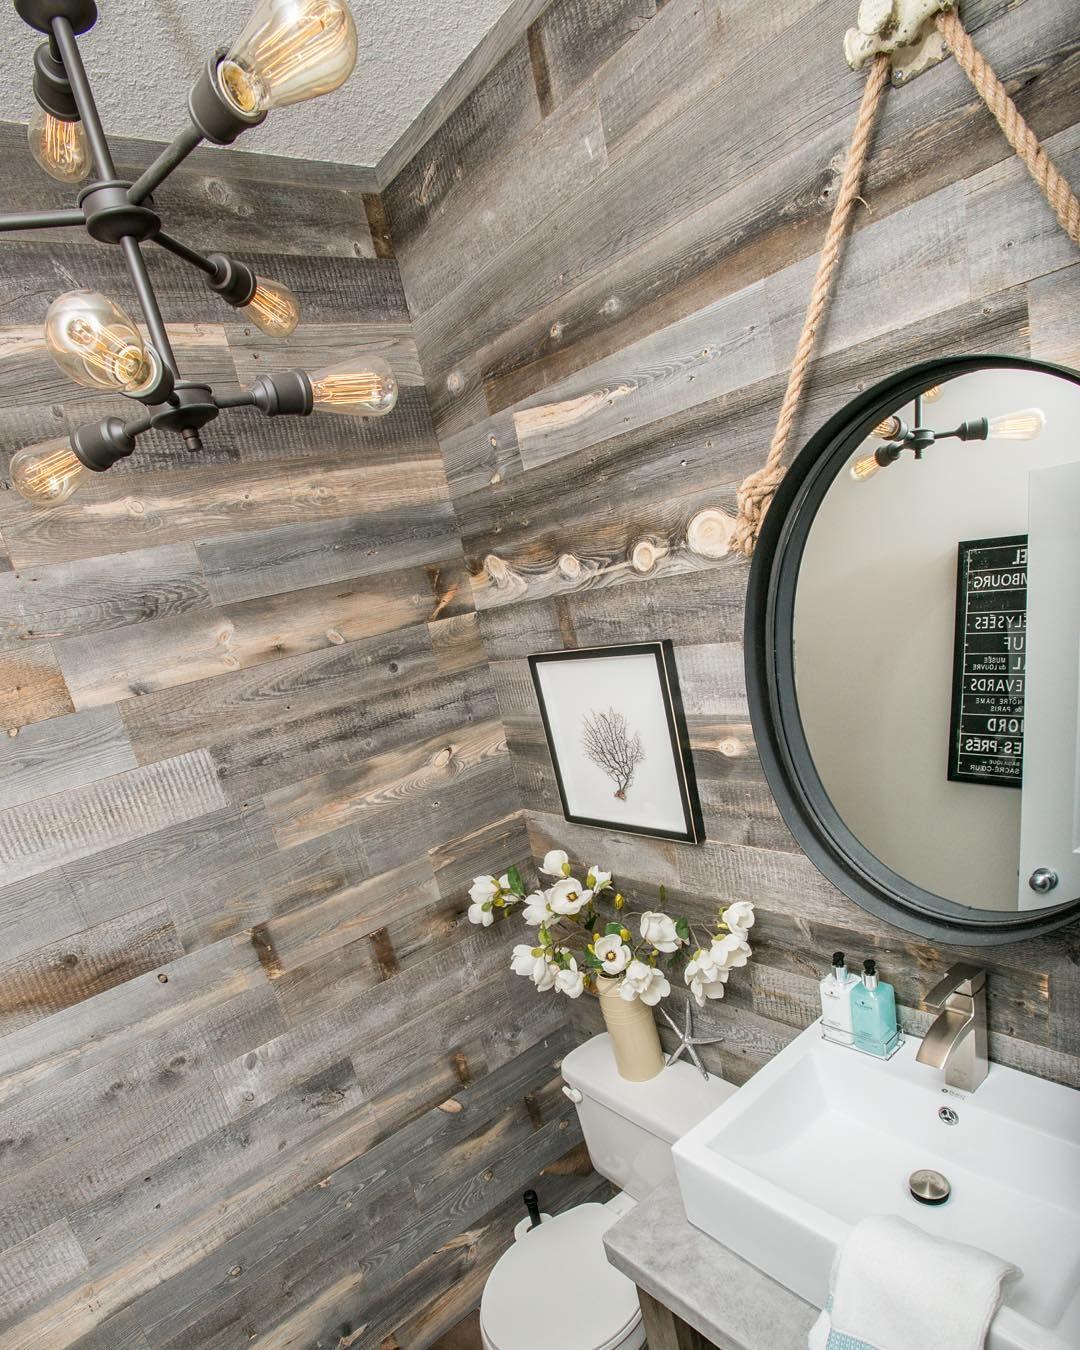 Pin By Sarah Rickenbacker On Diy Barn Wood Bathroom Rustic Bathrooms Diy Bathroom